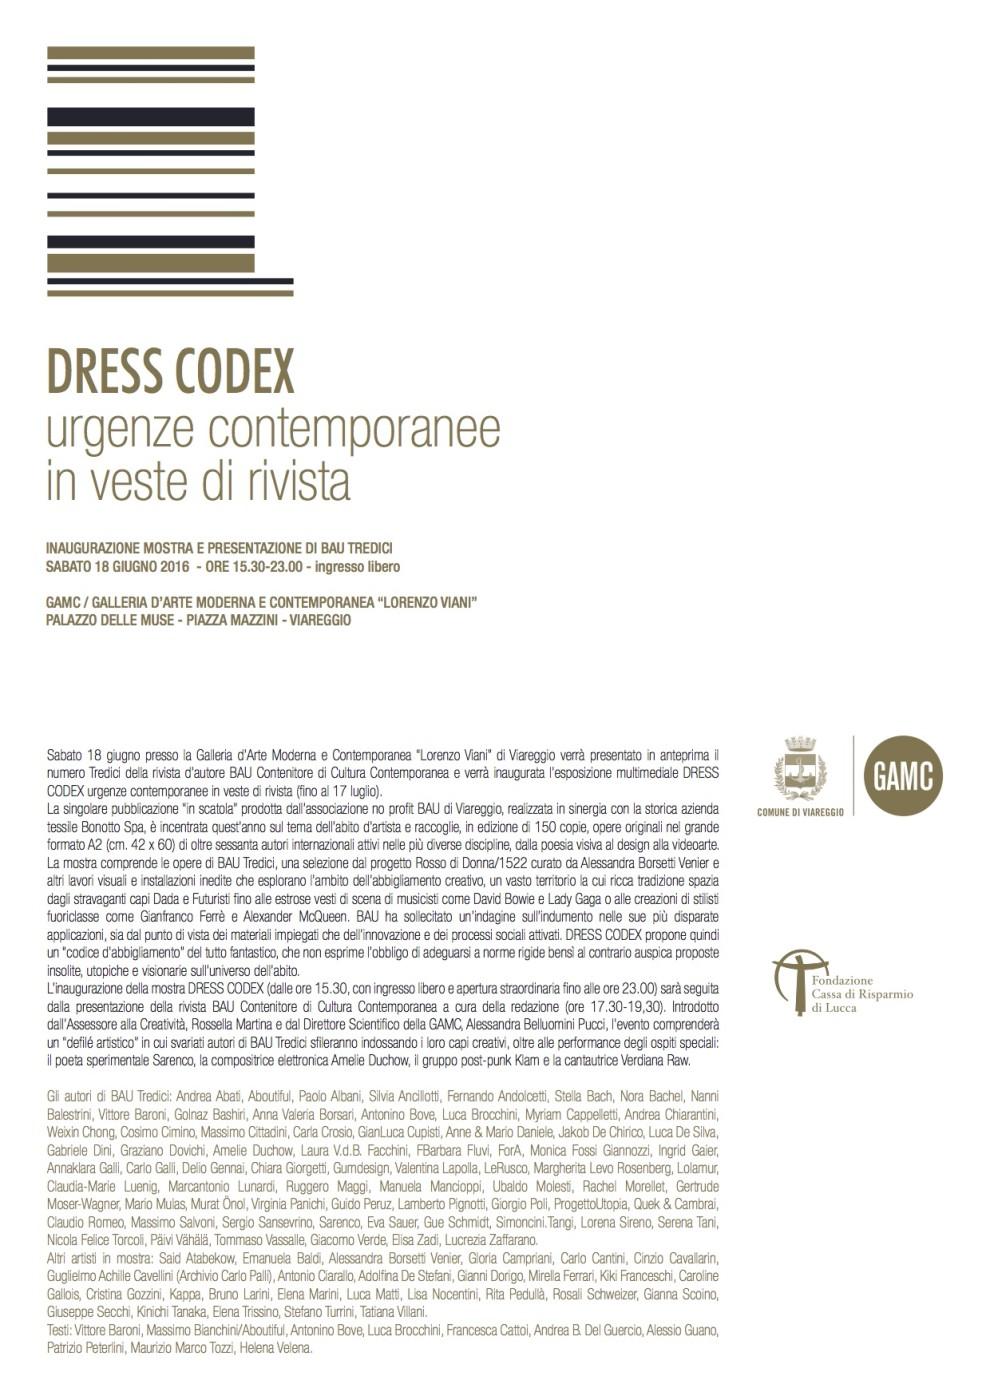 comunicato stampa - Dress Codex - GAMC Viareggio 18 giugno 2016